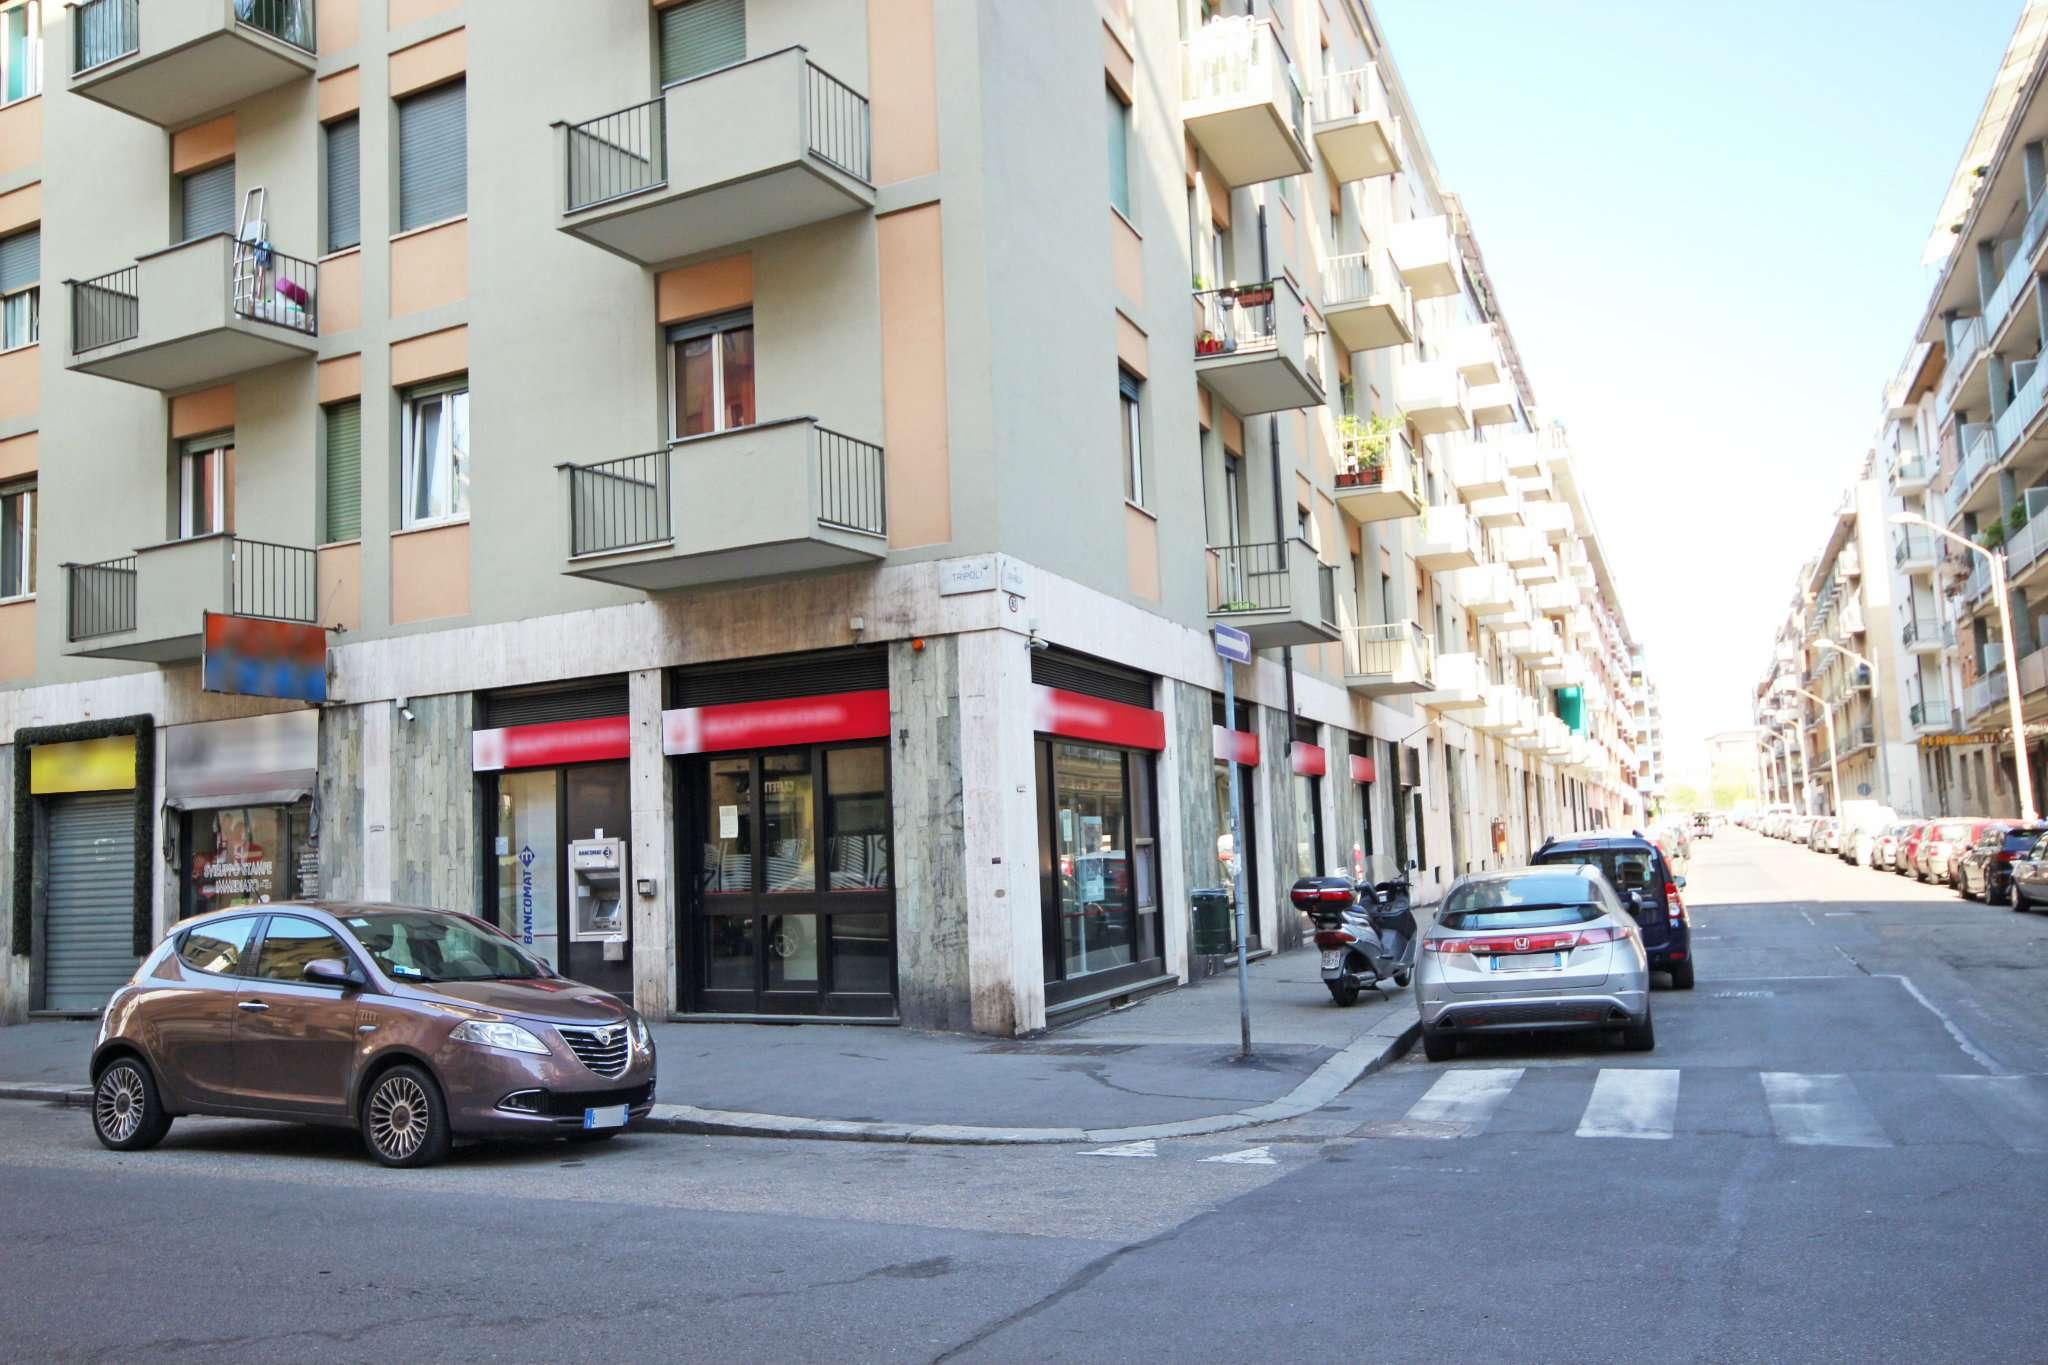 Negozio in affitto Zona Santa Rita - via Tripoli Torino